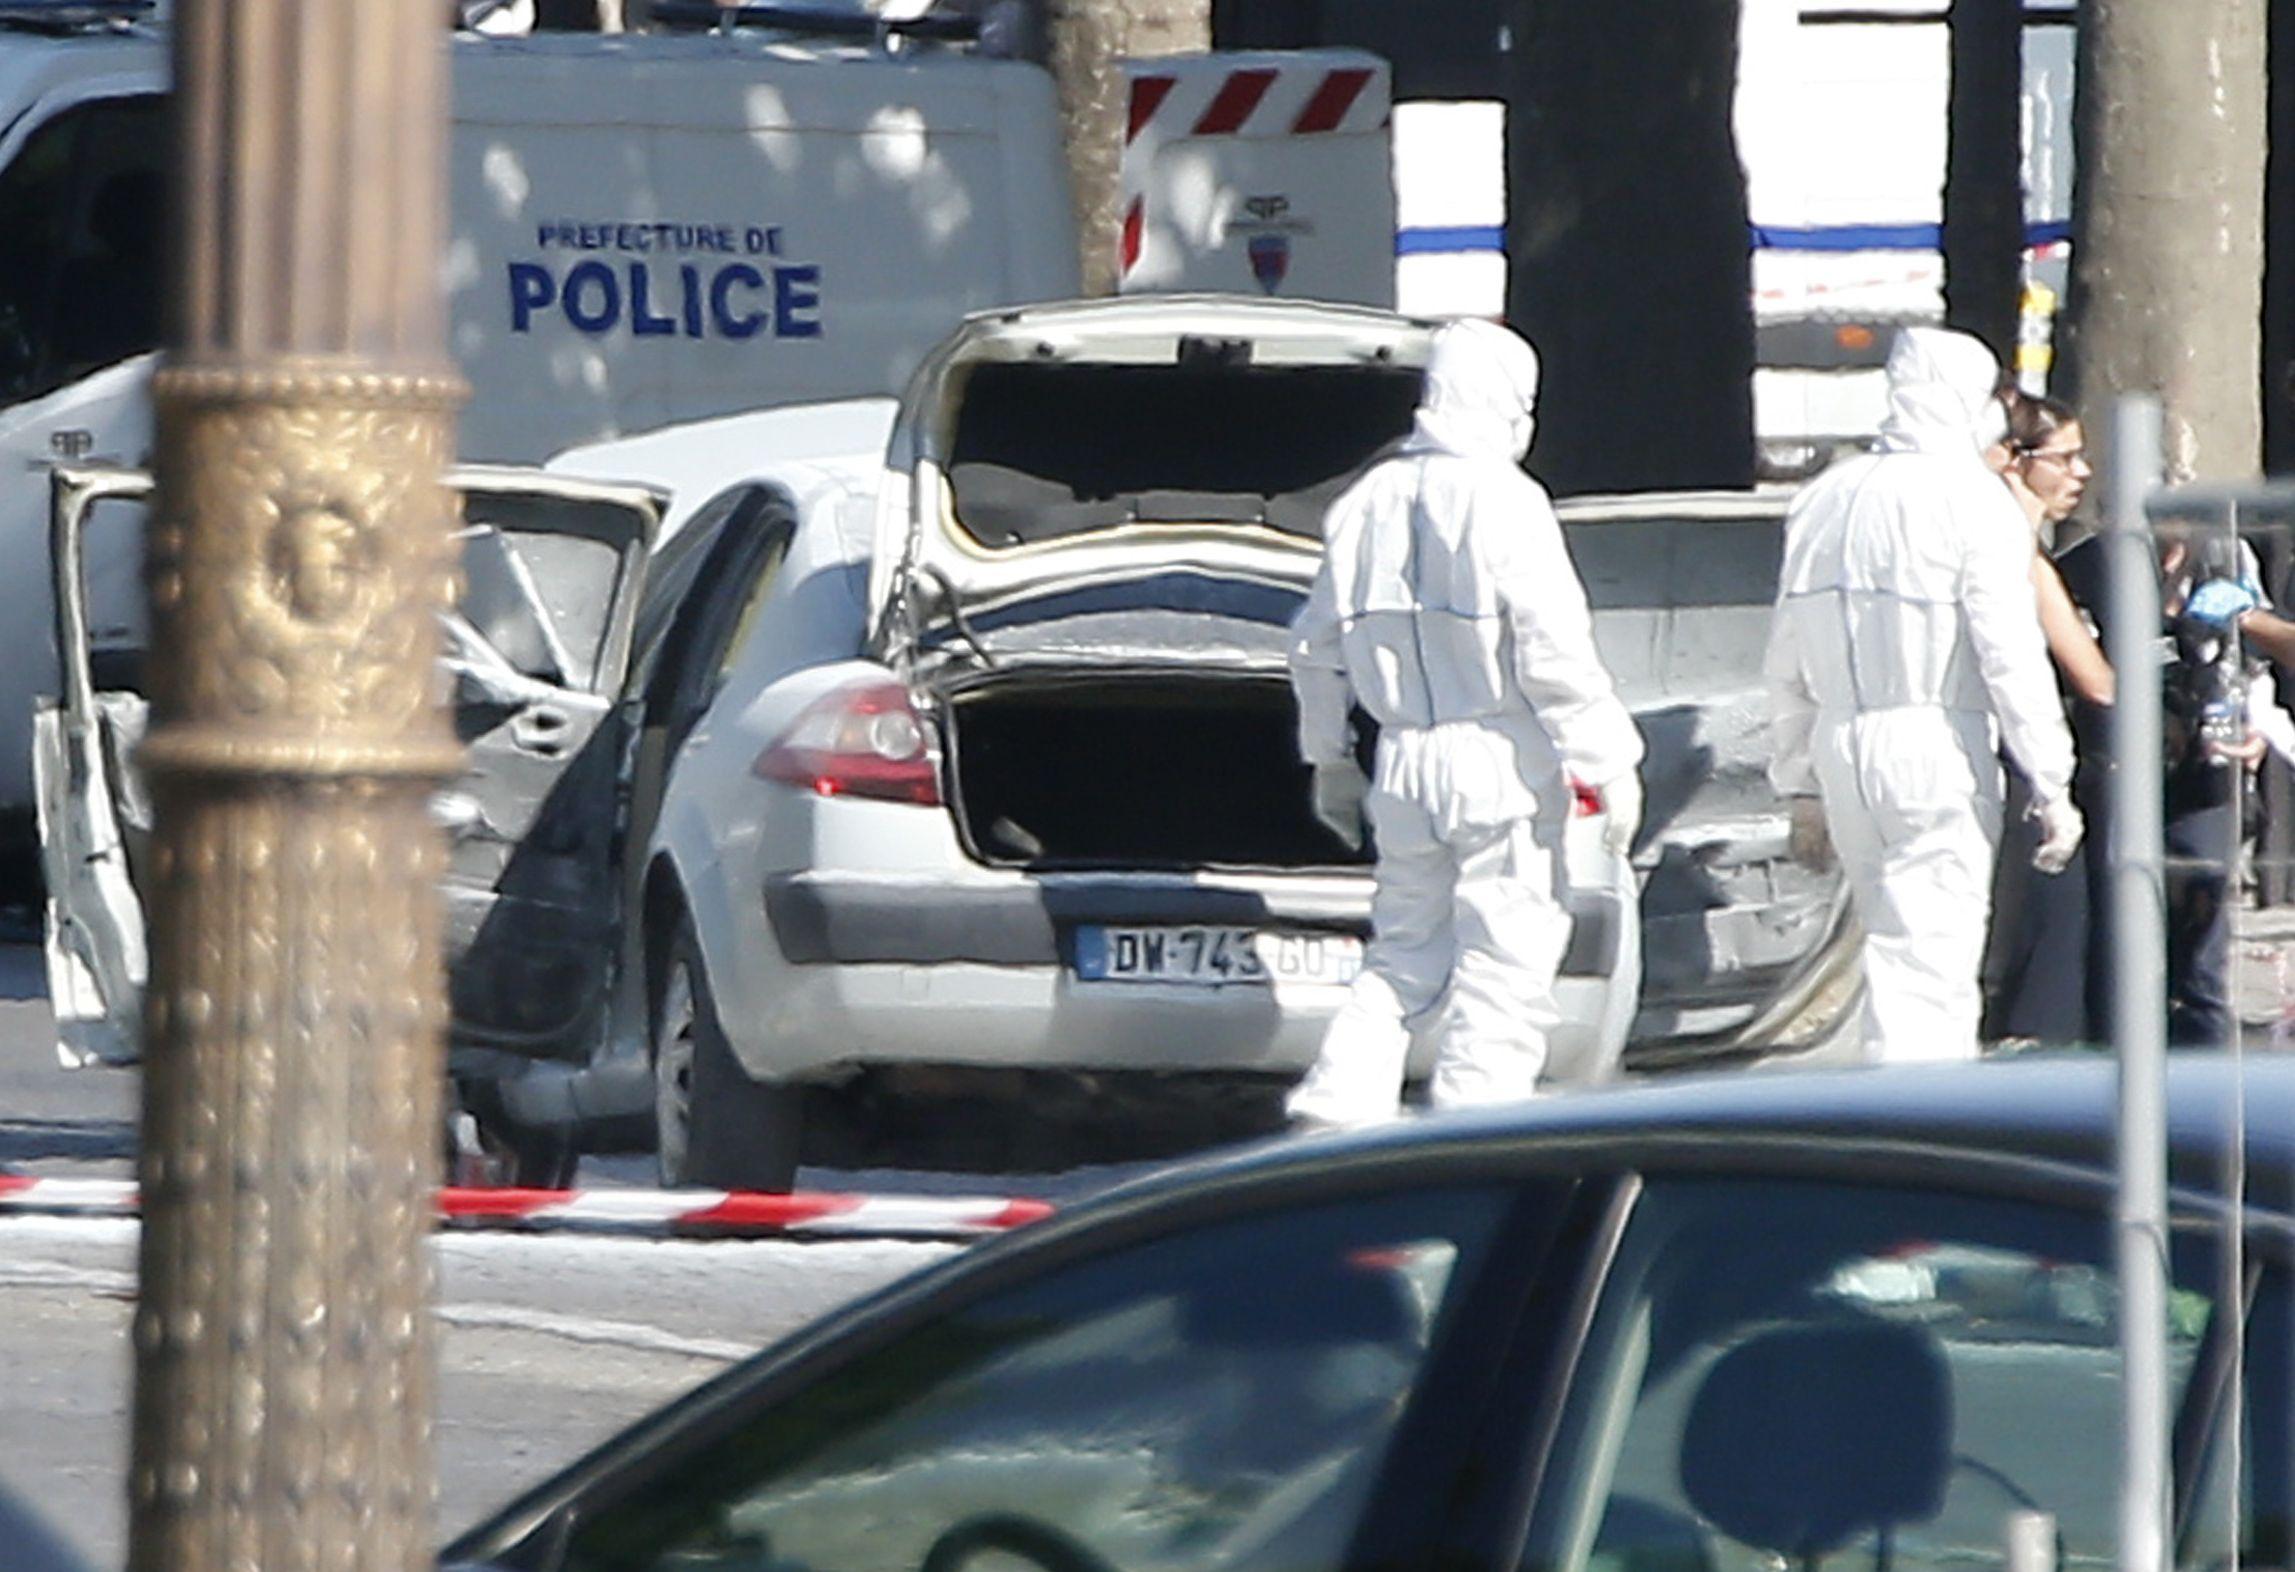 法國首都巴黎19日傳出攻擊事件,一名男子駕駛一輛載有槍械與爆裂物的小轎車開上香榭麗舍大道衝撞警車,但遭警方擊斃(AP)